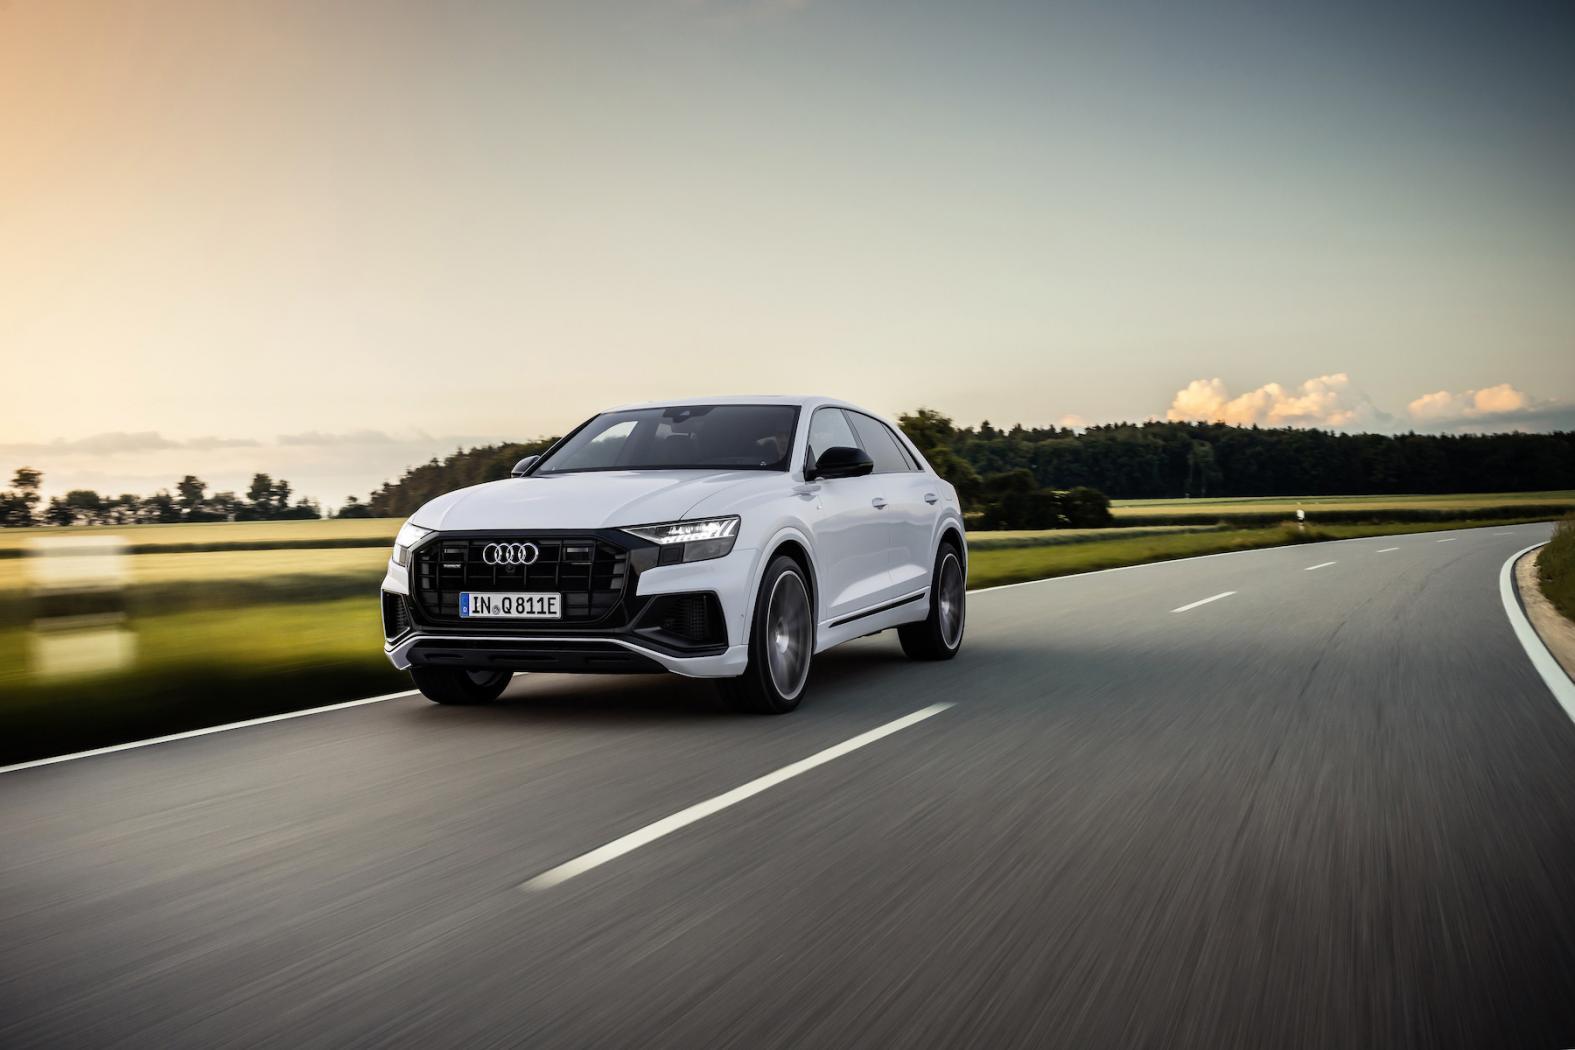 Audi-Q8-Presentation-7.jpeg